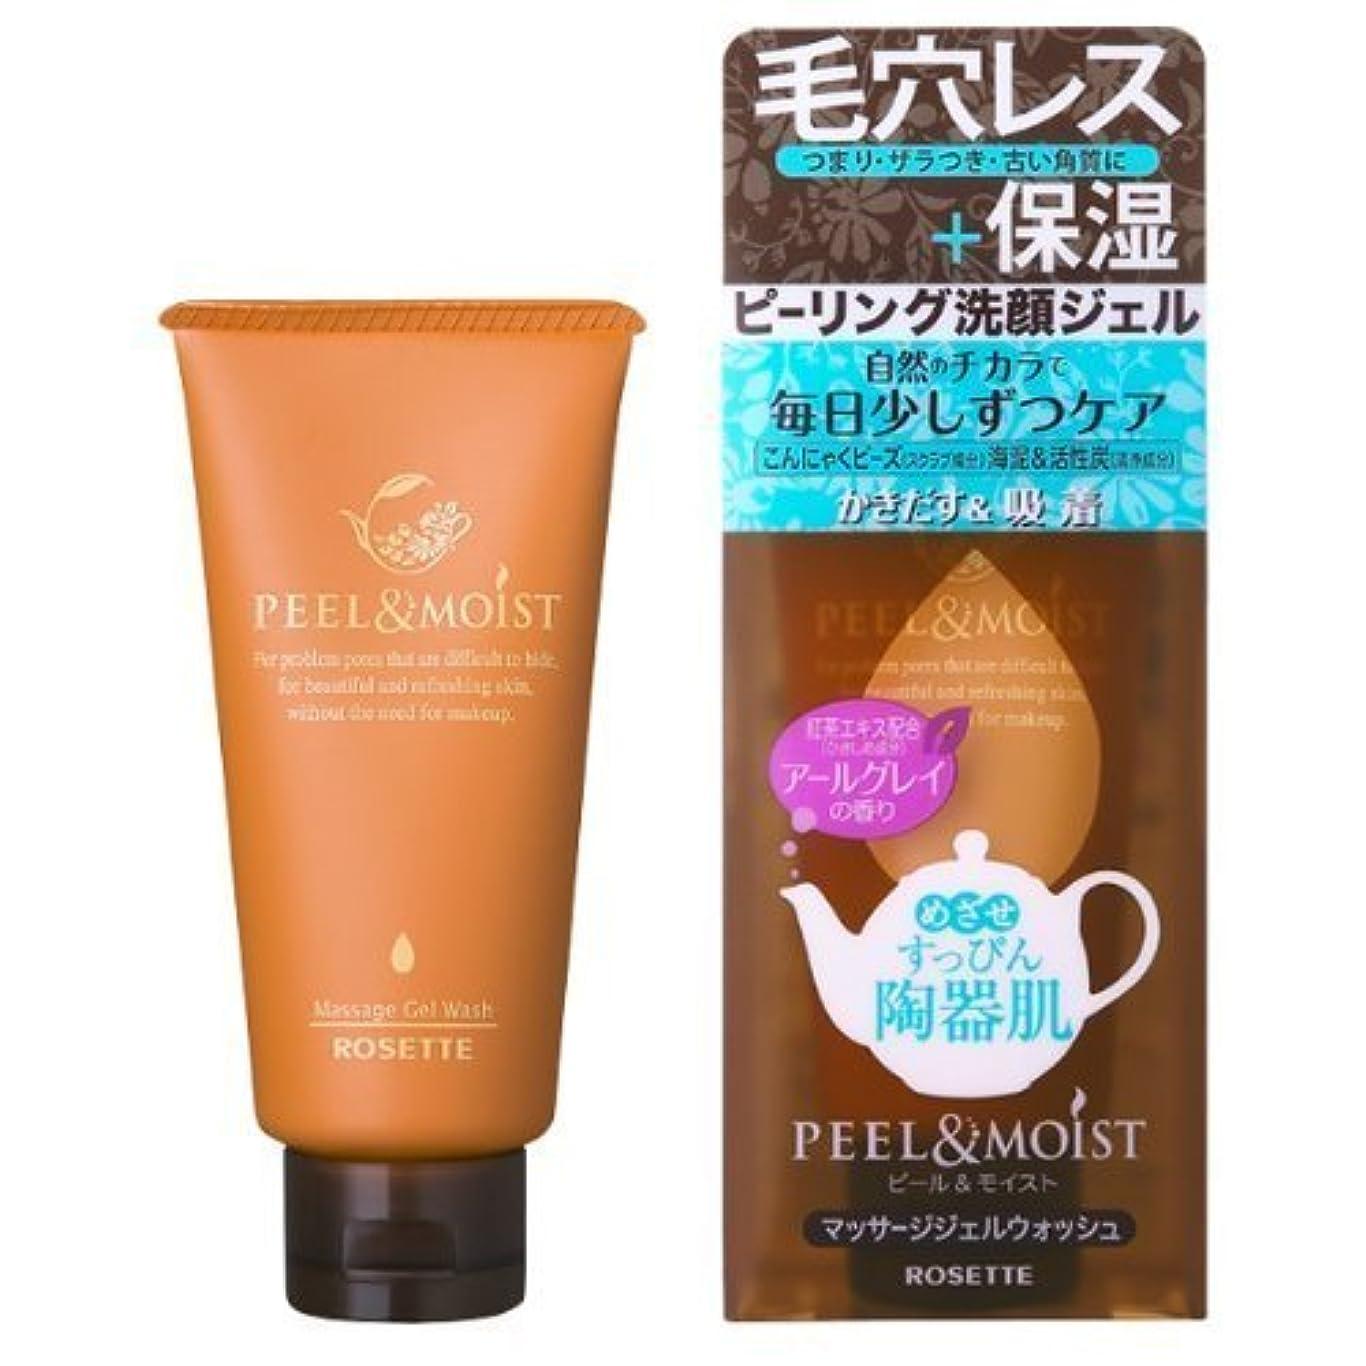 時折コンサートリーフレットロゼット R40% スーパーうるおいリフトアップ洗顔フォーム 168g もっちりタイプの植物性洗顔フォーム スズランのやさしい香り×48点セット (4901696532591)